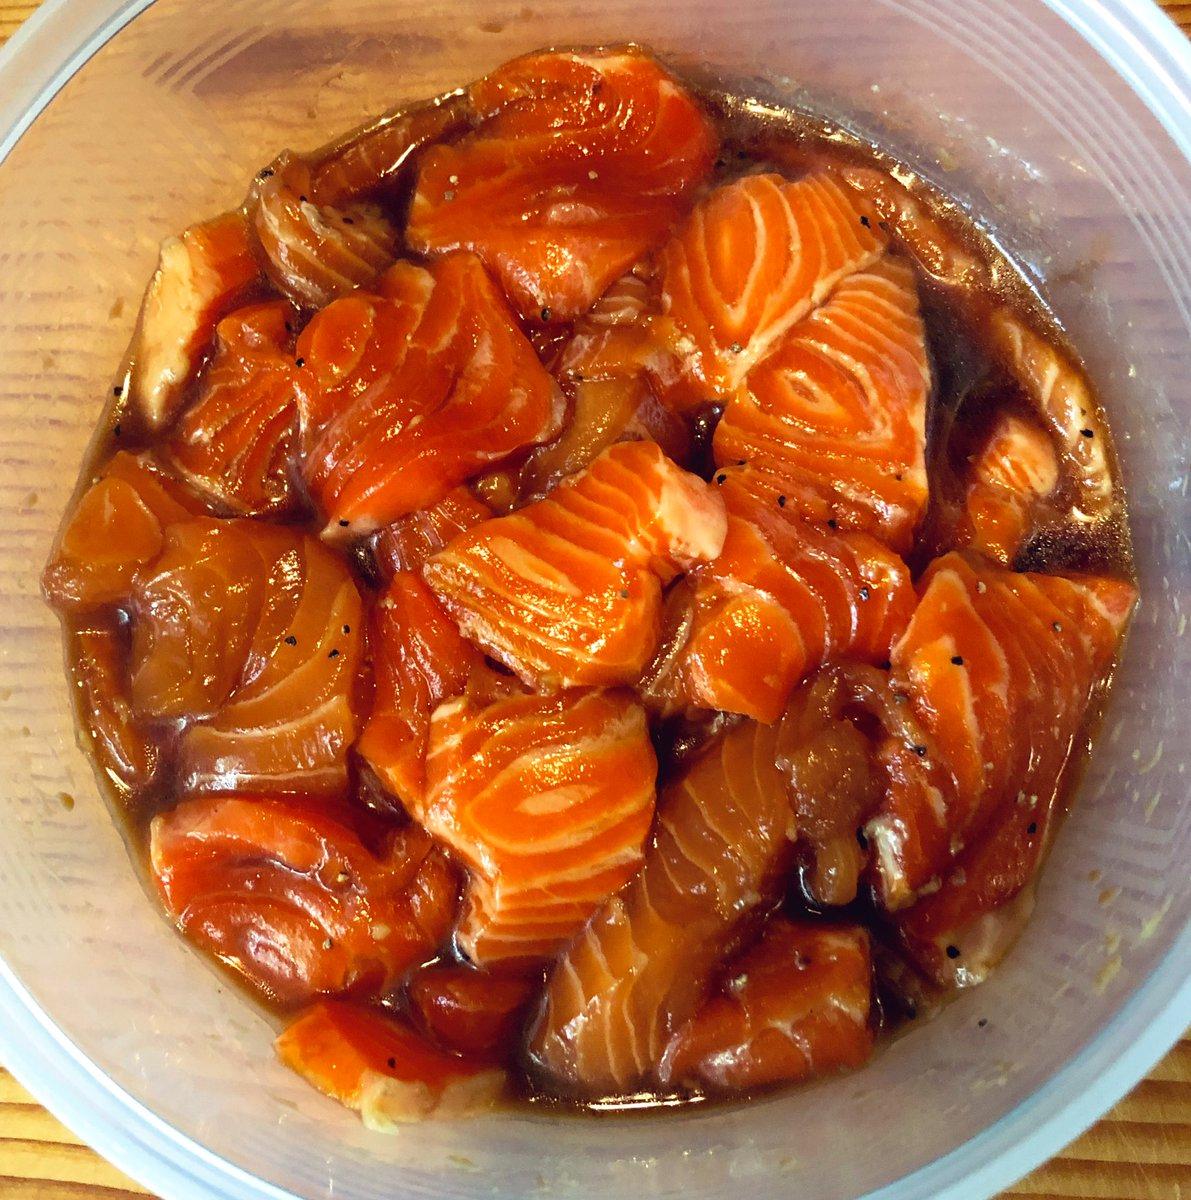 ここだけの話、スタミナサーモン漬けがイマかなりキテる!濃いままのめんつゆに、ニンニク、ブラックペッパーごま油を少々加えて冷蔵庫で寝かせれば簡単にできる!スタミナの塊がここに完成!!